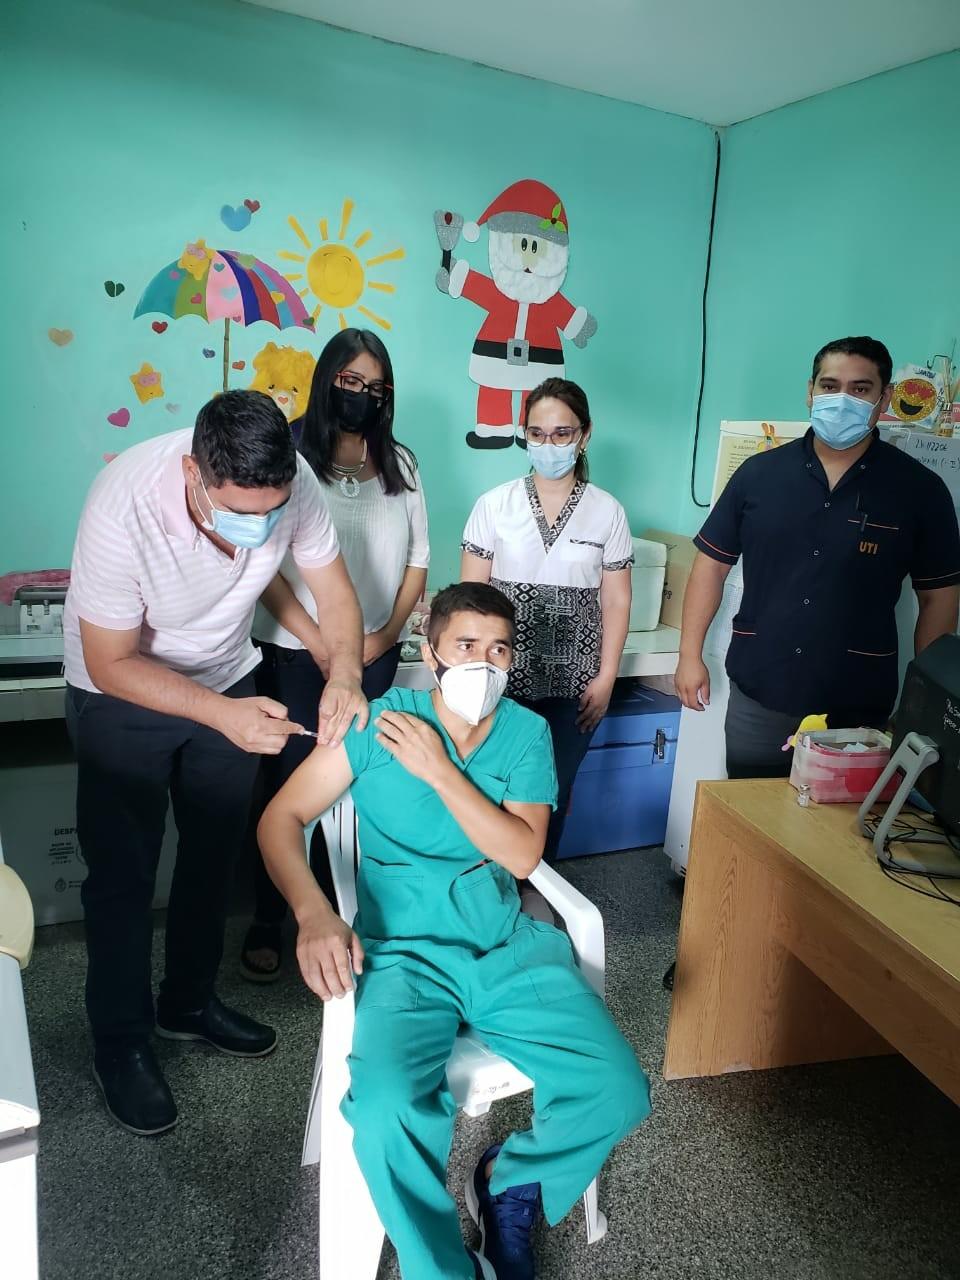 Desde el lunes 12 se aplicarán segundas dosis de las vacunas Sinopharm y Sputnik v al personal de salud